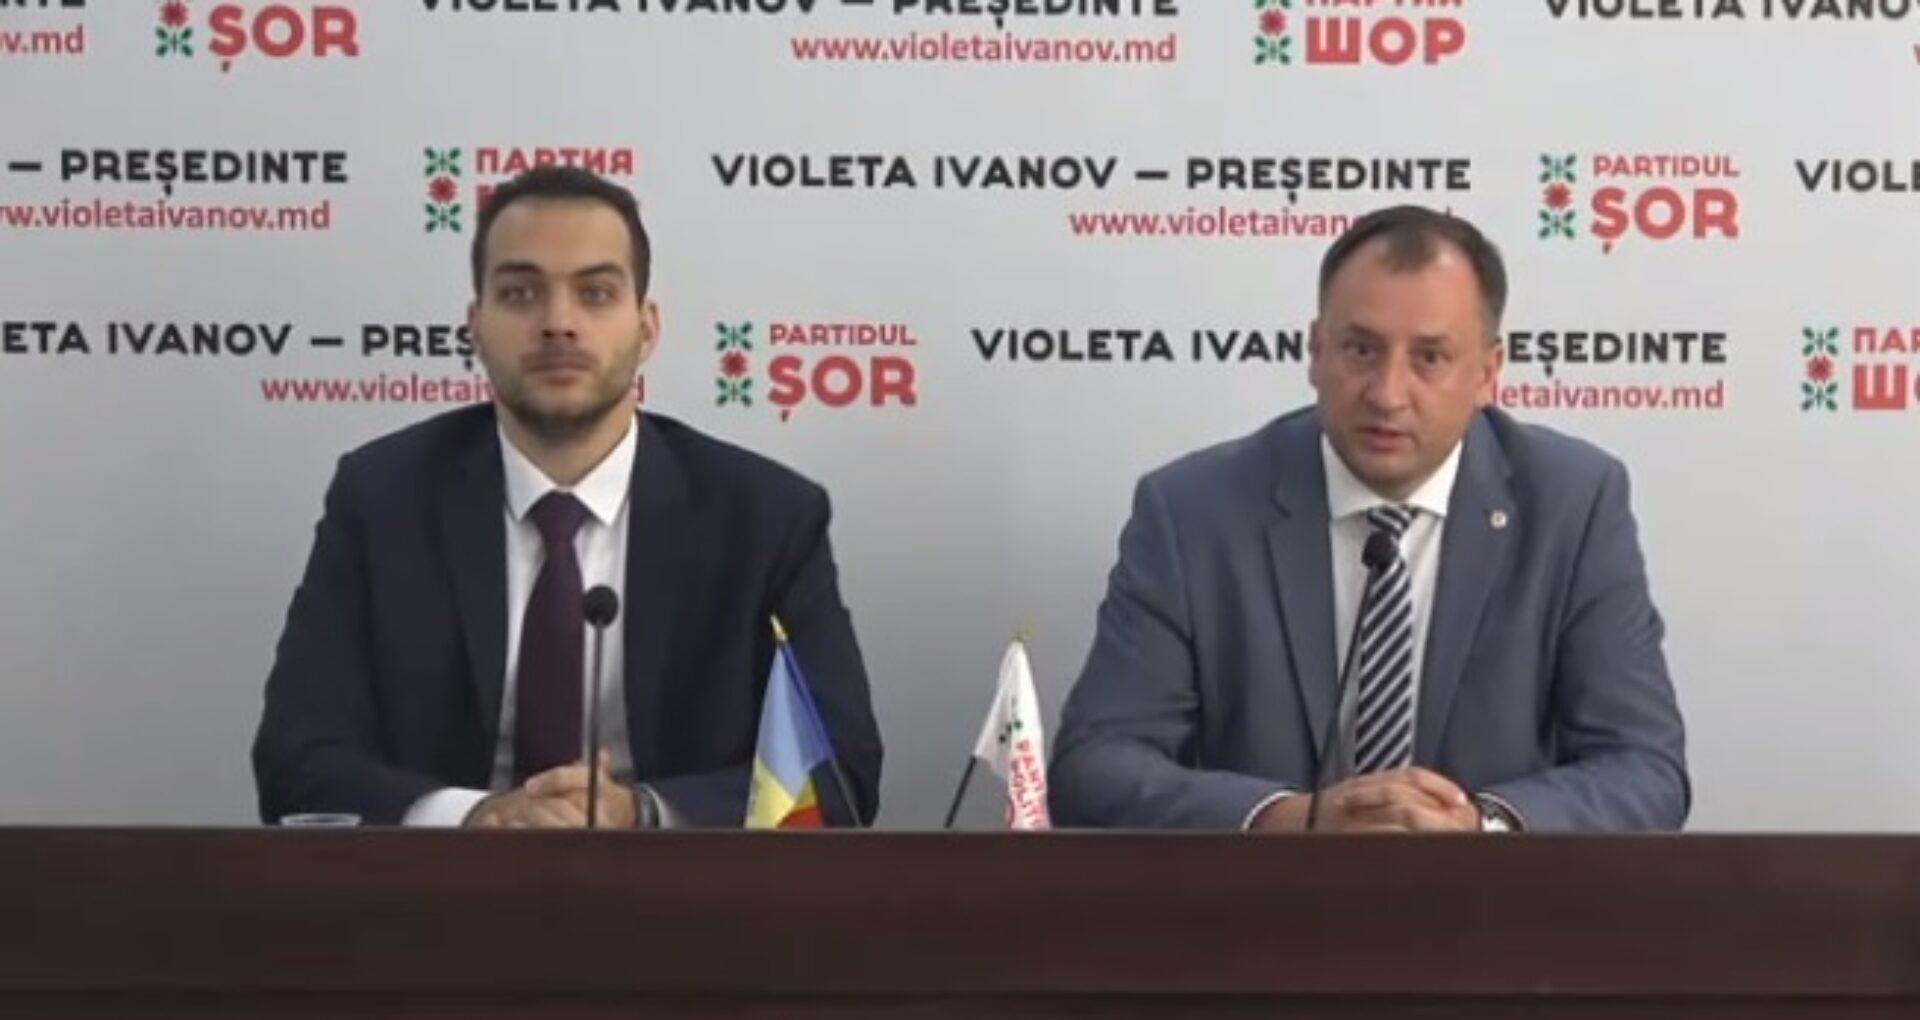 """Partidul Șor susține că băncile din R. Moldova refuză deschiderea contului grupului de inițiativă: """"Scopul este de a o exclude pe Violeta Ivanov din cursa prezidențială"""""""